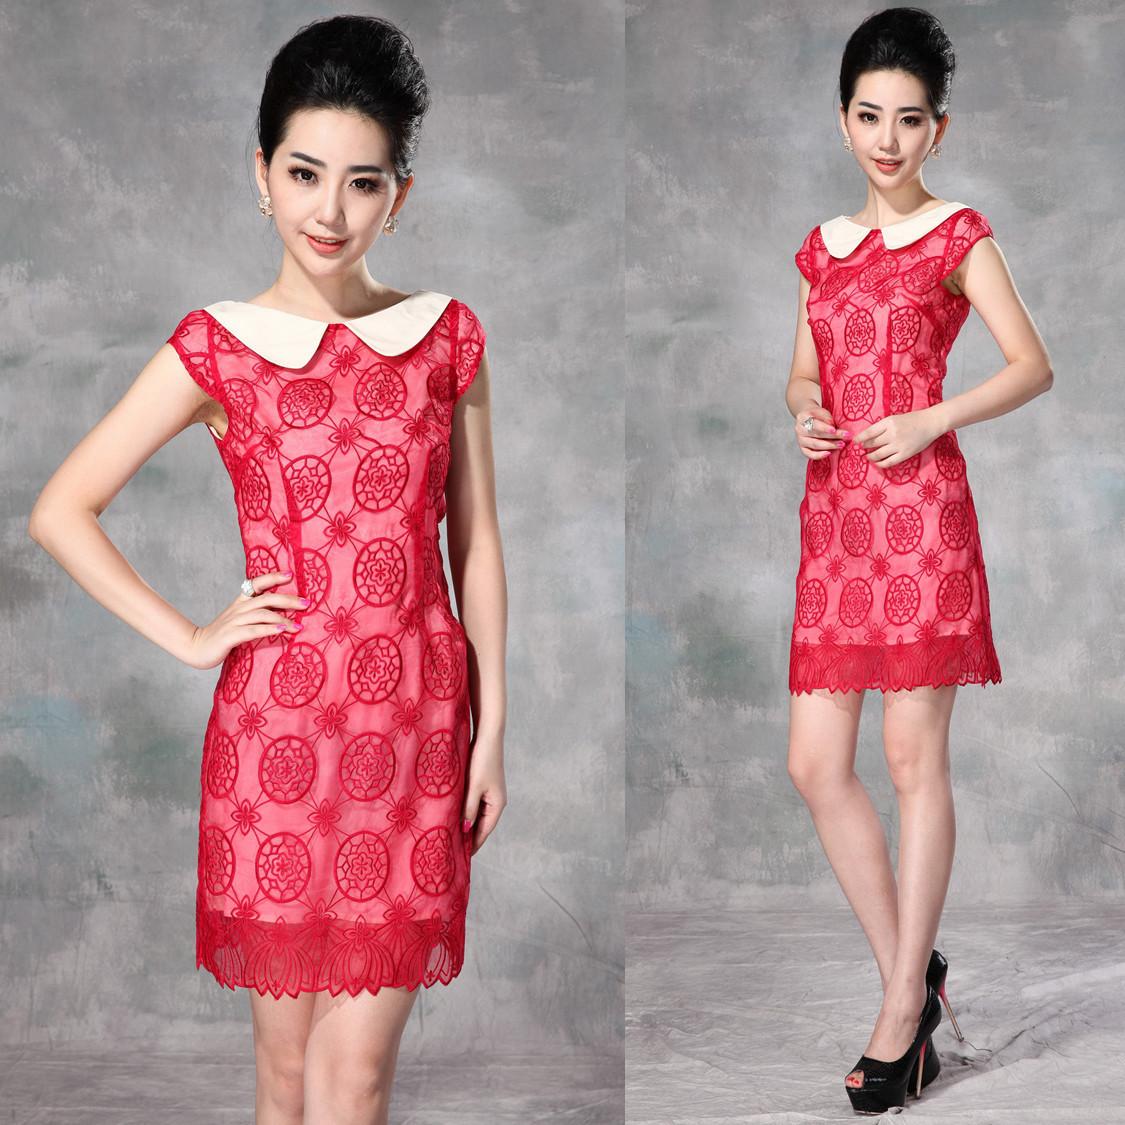 中年夏装女装 欧美大牌娃娃翻领红色宴会 花朵刺绣欧根纱连衣裙子